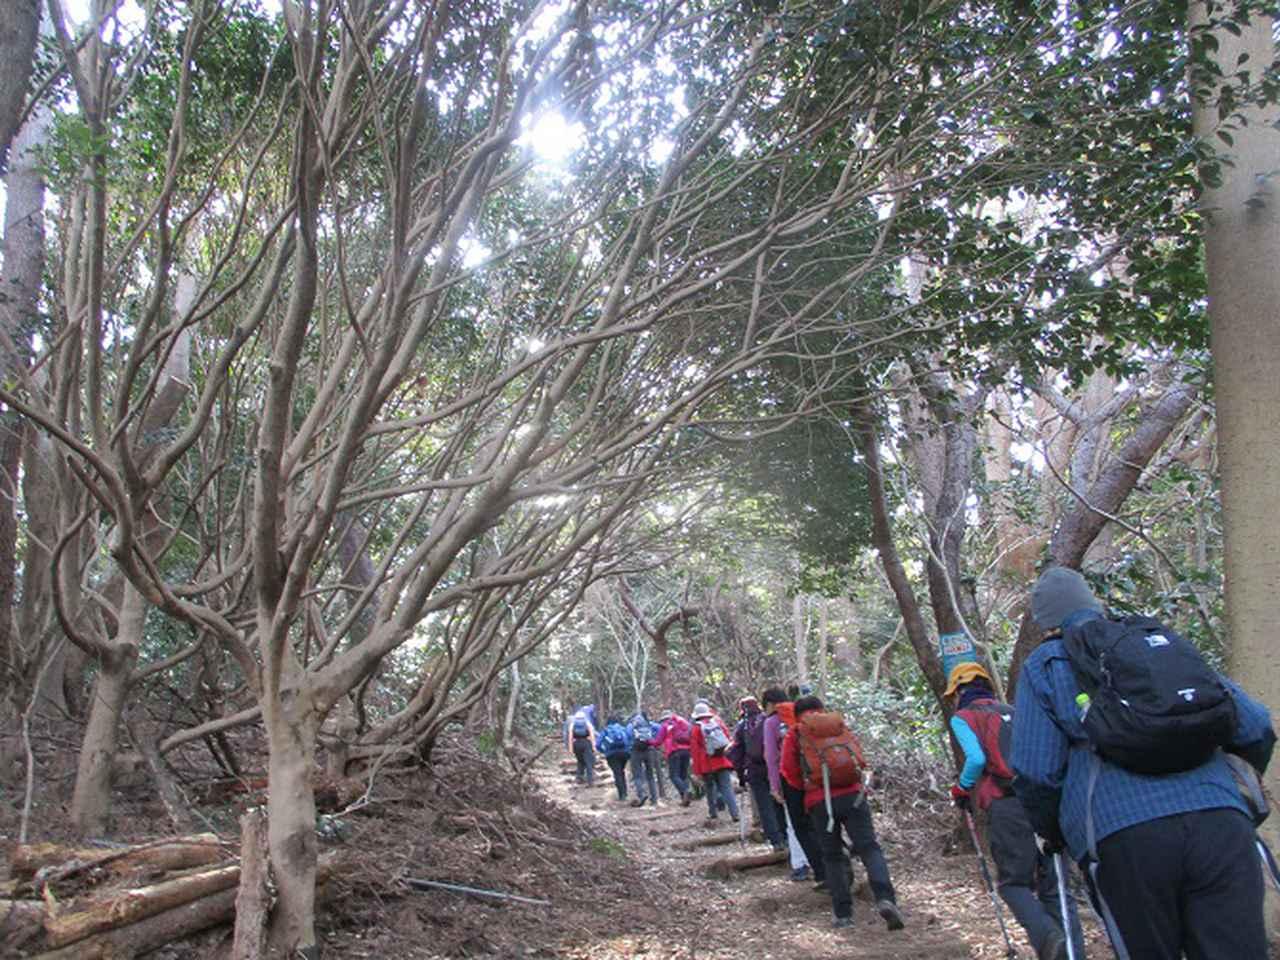 画像1: 岡田ガイドのハイキングコースで、 真鶴半島 へ行ってきました♪